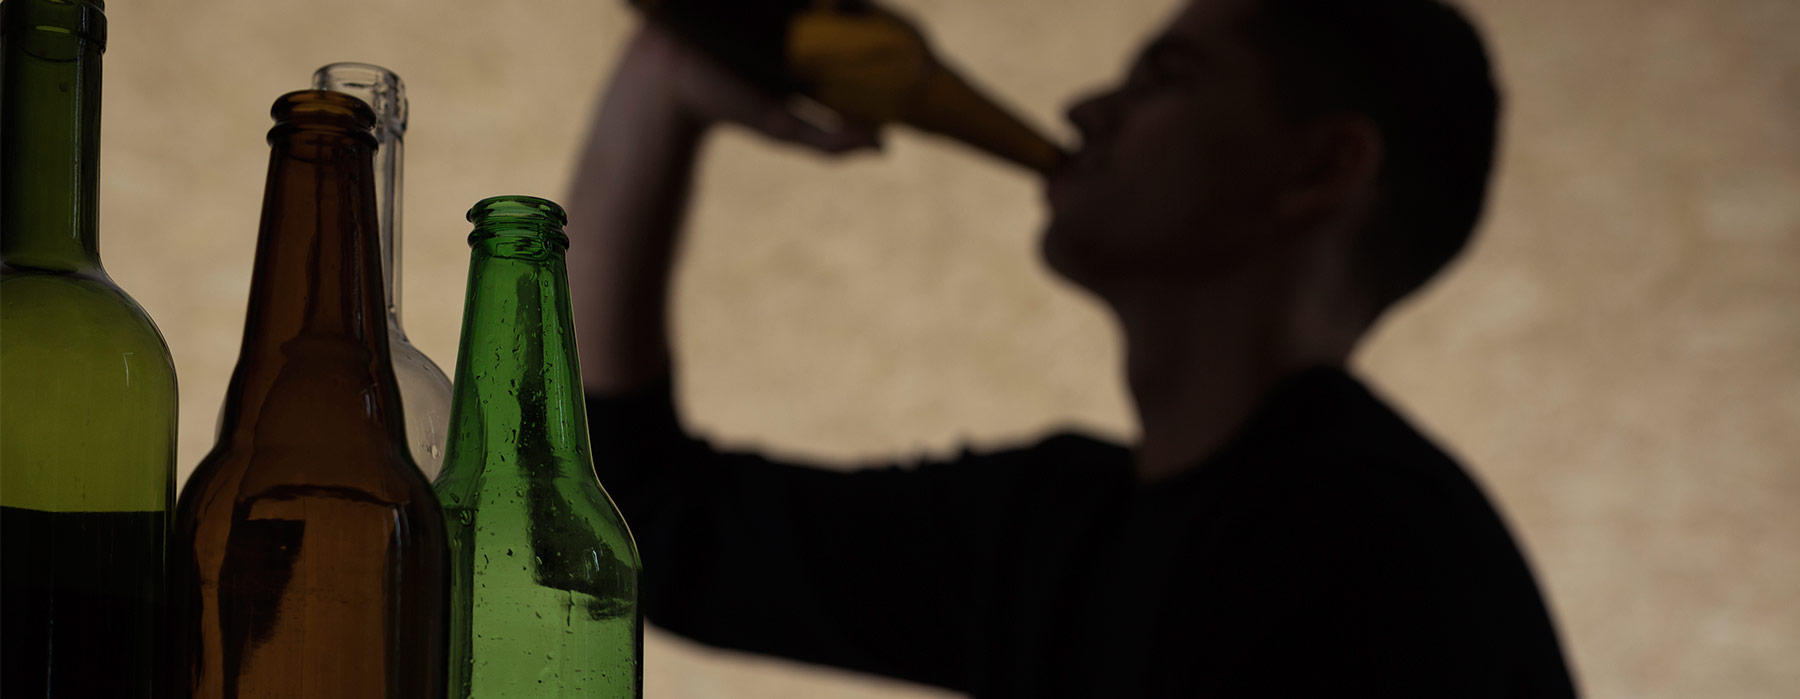 Alkohol - Wenn Jugendliche zur Flasche greifen